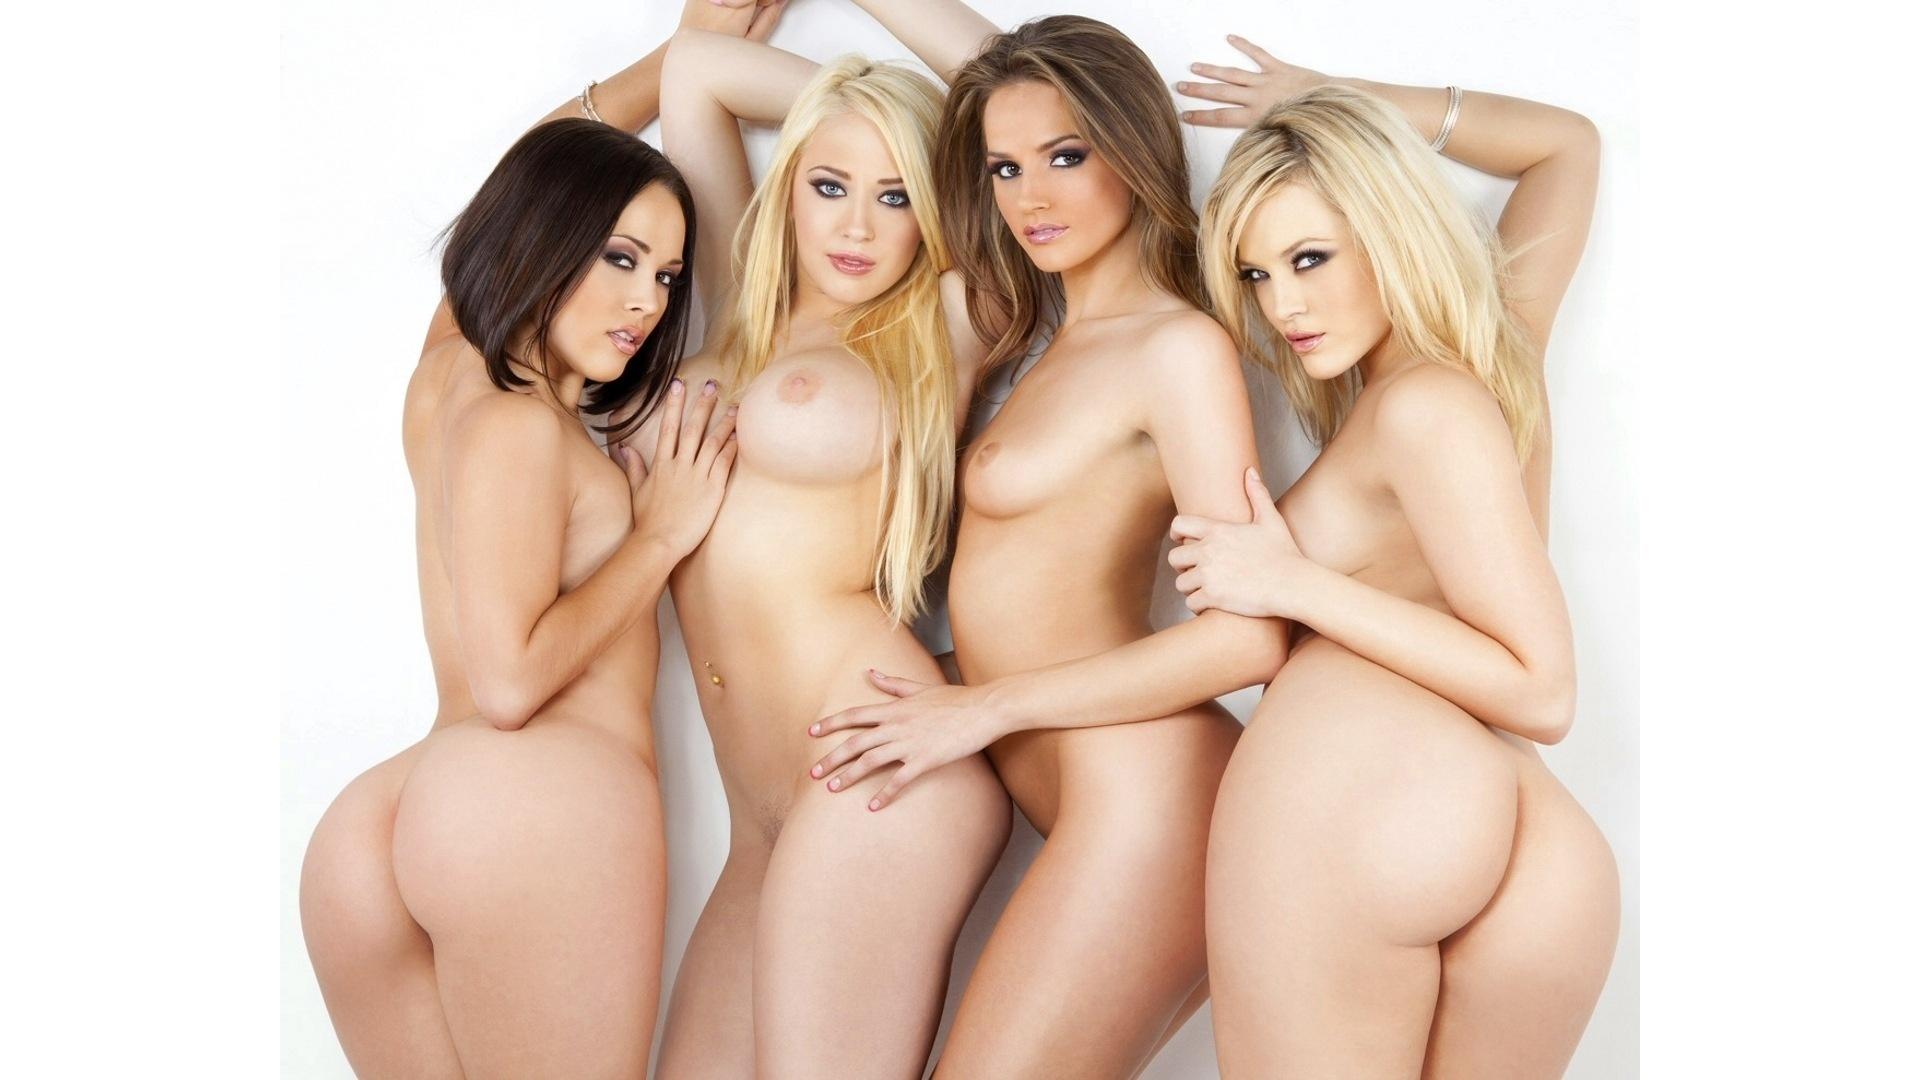 Фота порна актрисы кади милла 23 фотография